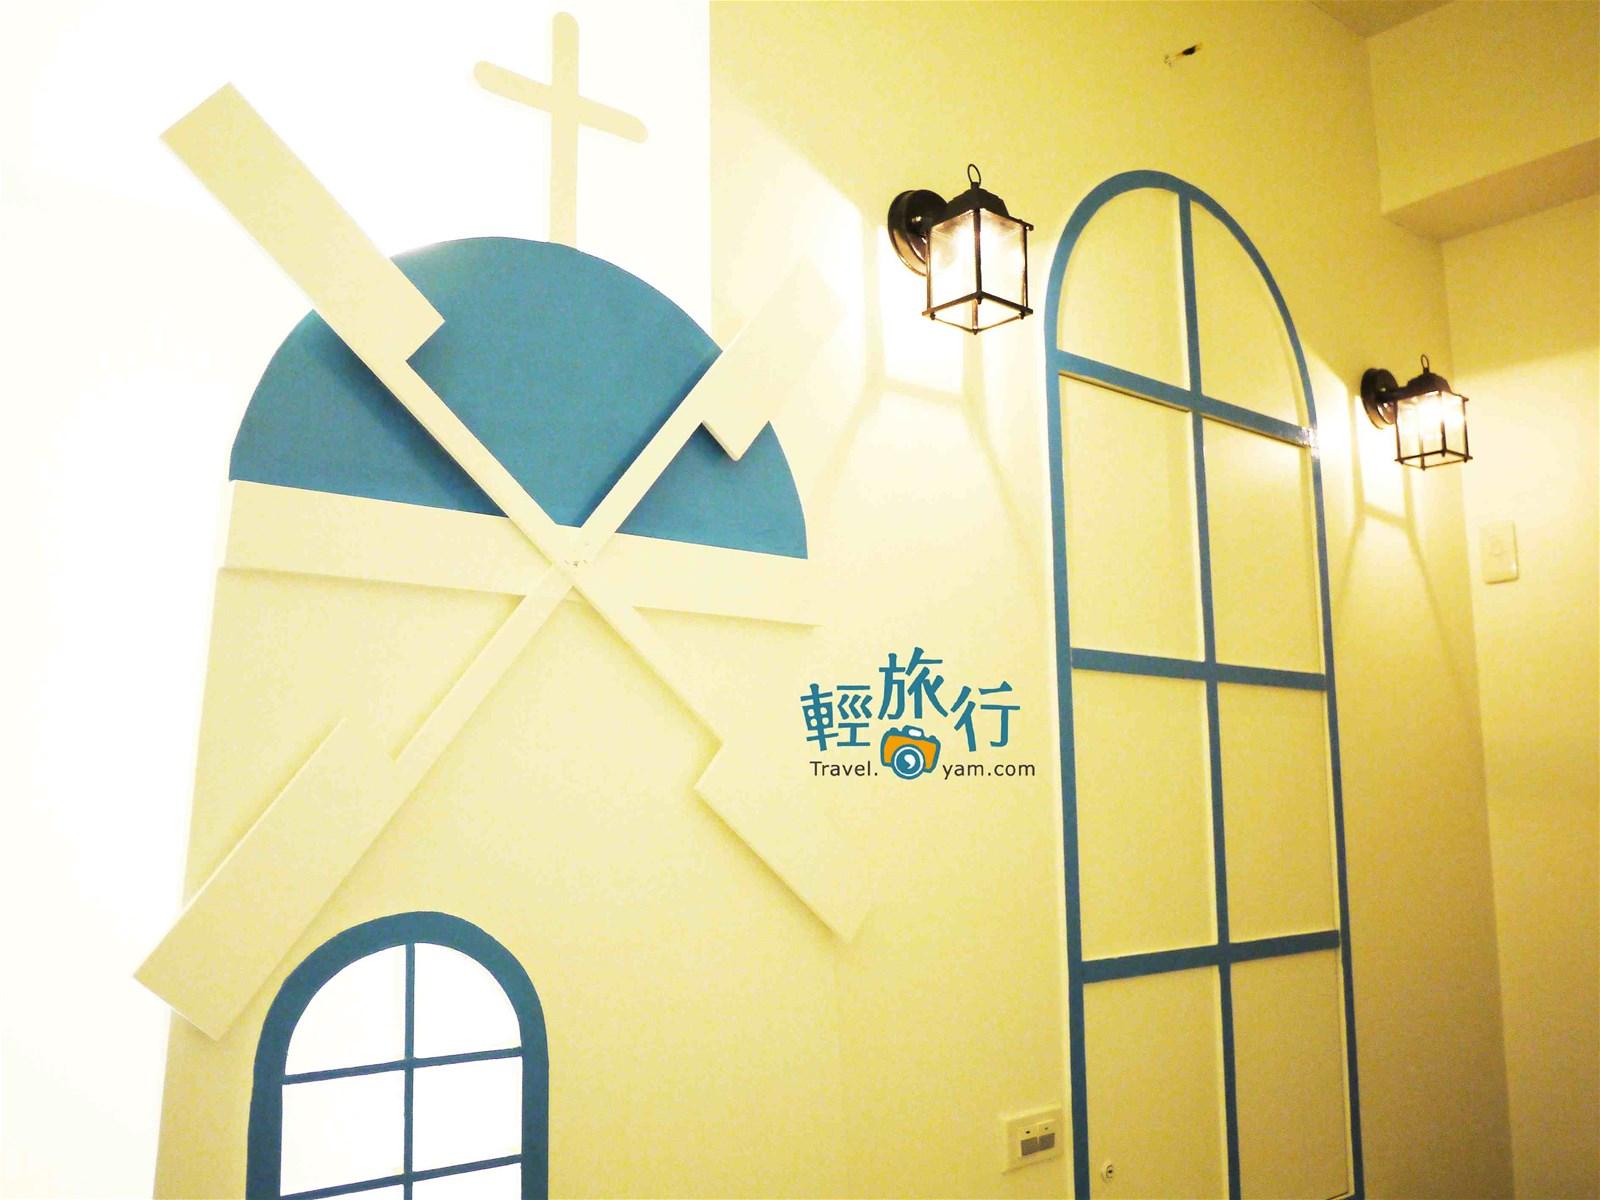 【宜蘭羅東】「青田日光」。稻田中的悠閒。堅持中的夢想 - 輕旅行